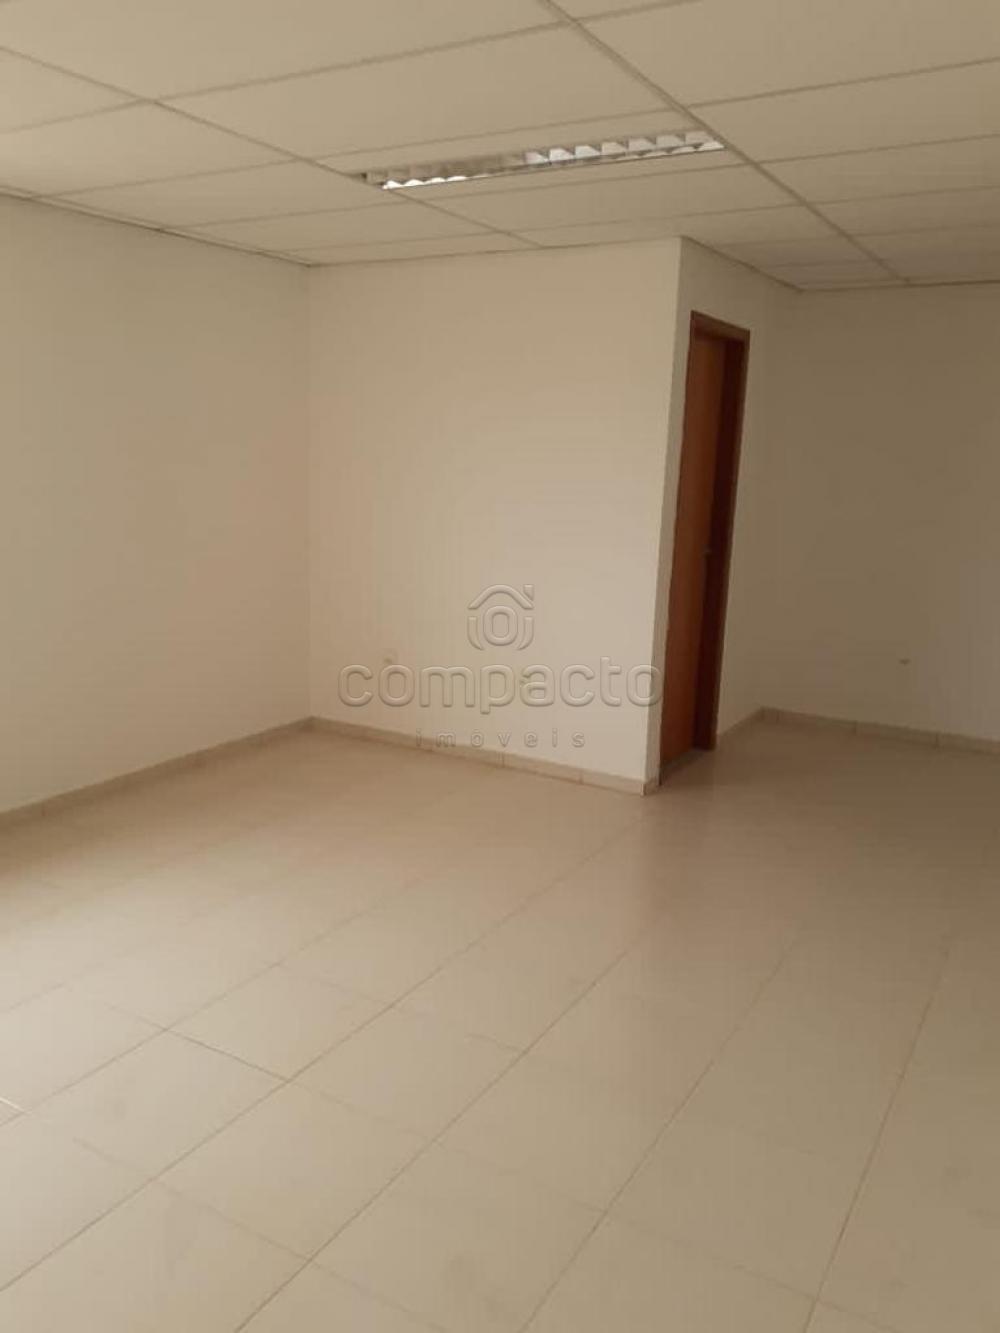 Alugar Comercial / Salão em Bady Bassitt apenas R$ 5.000,00 - Foto 11